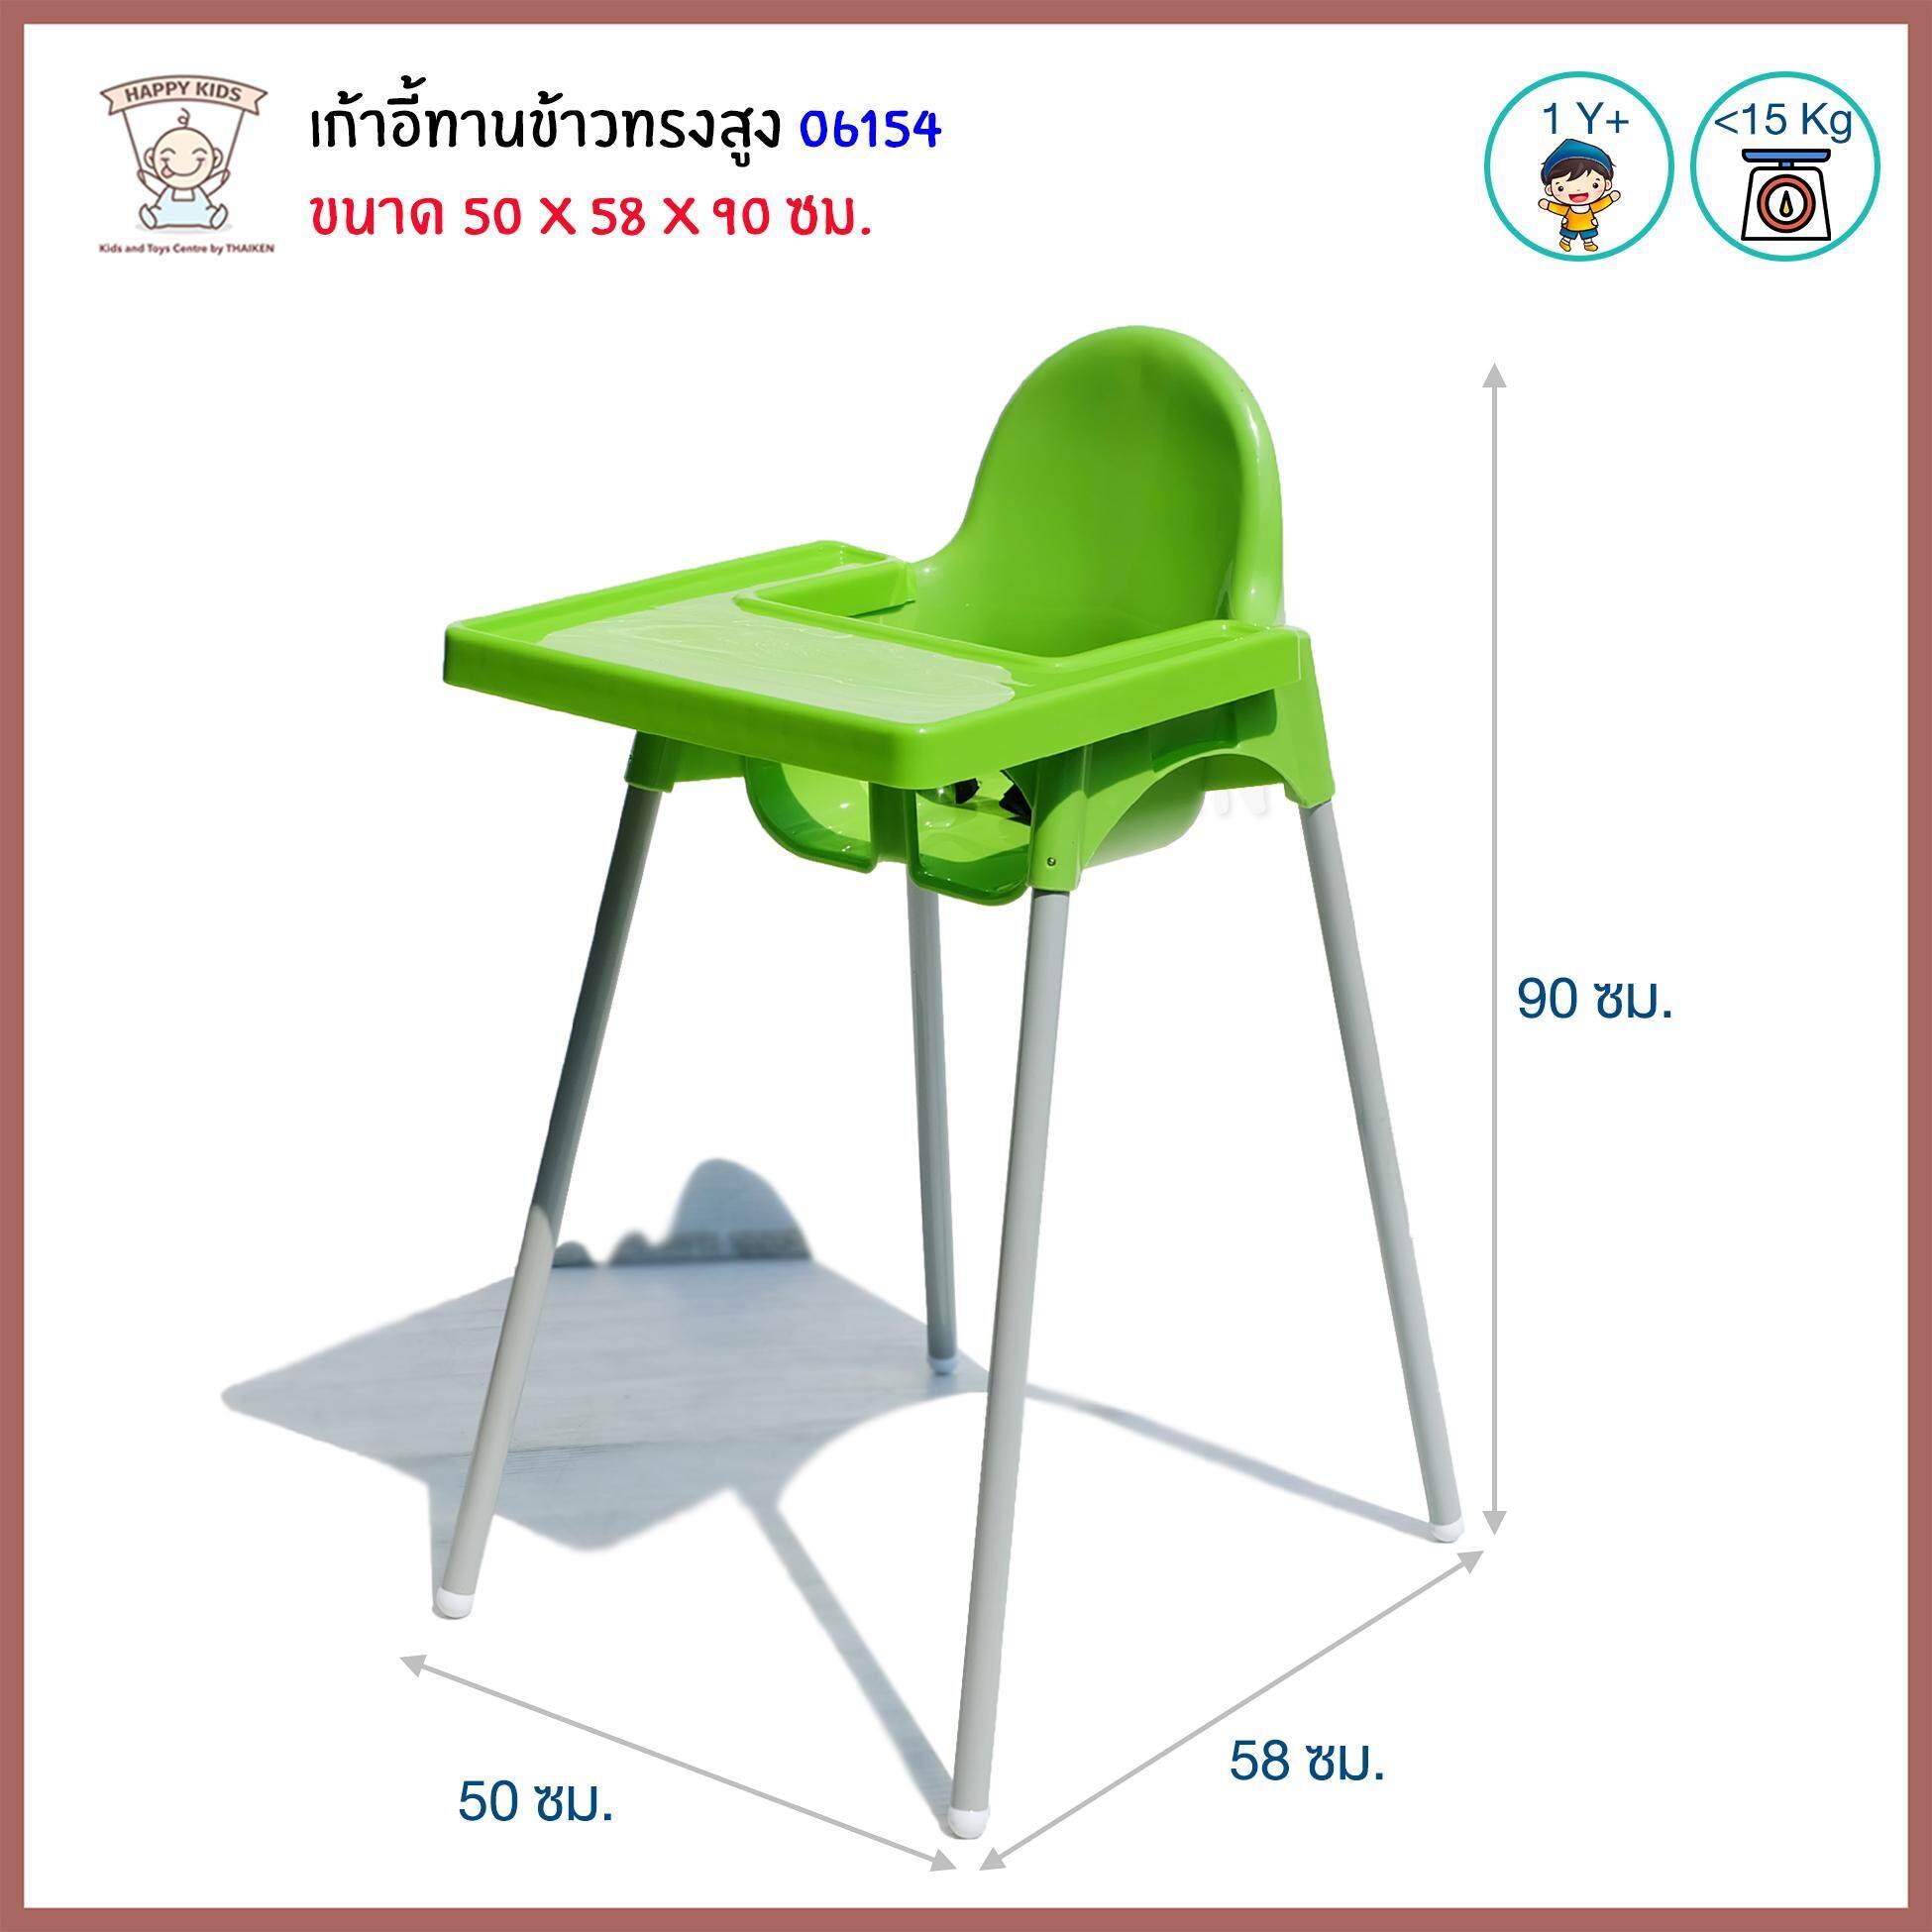 Thaiken เก้าอี้ป้อนข้าวเด็ก 2016 5199